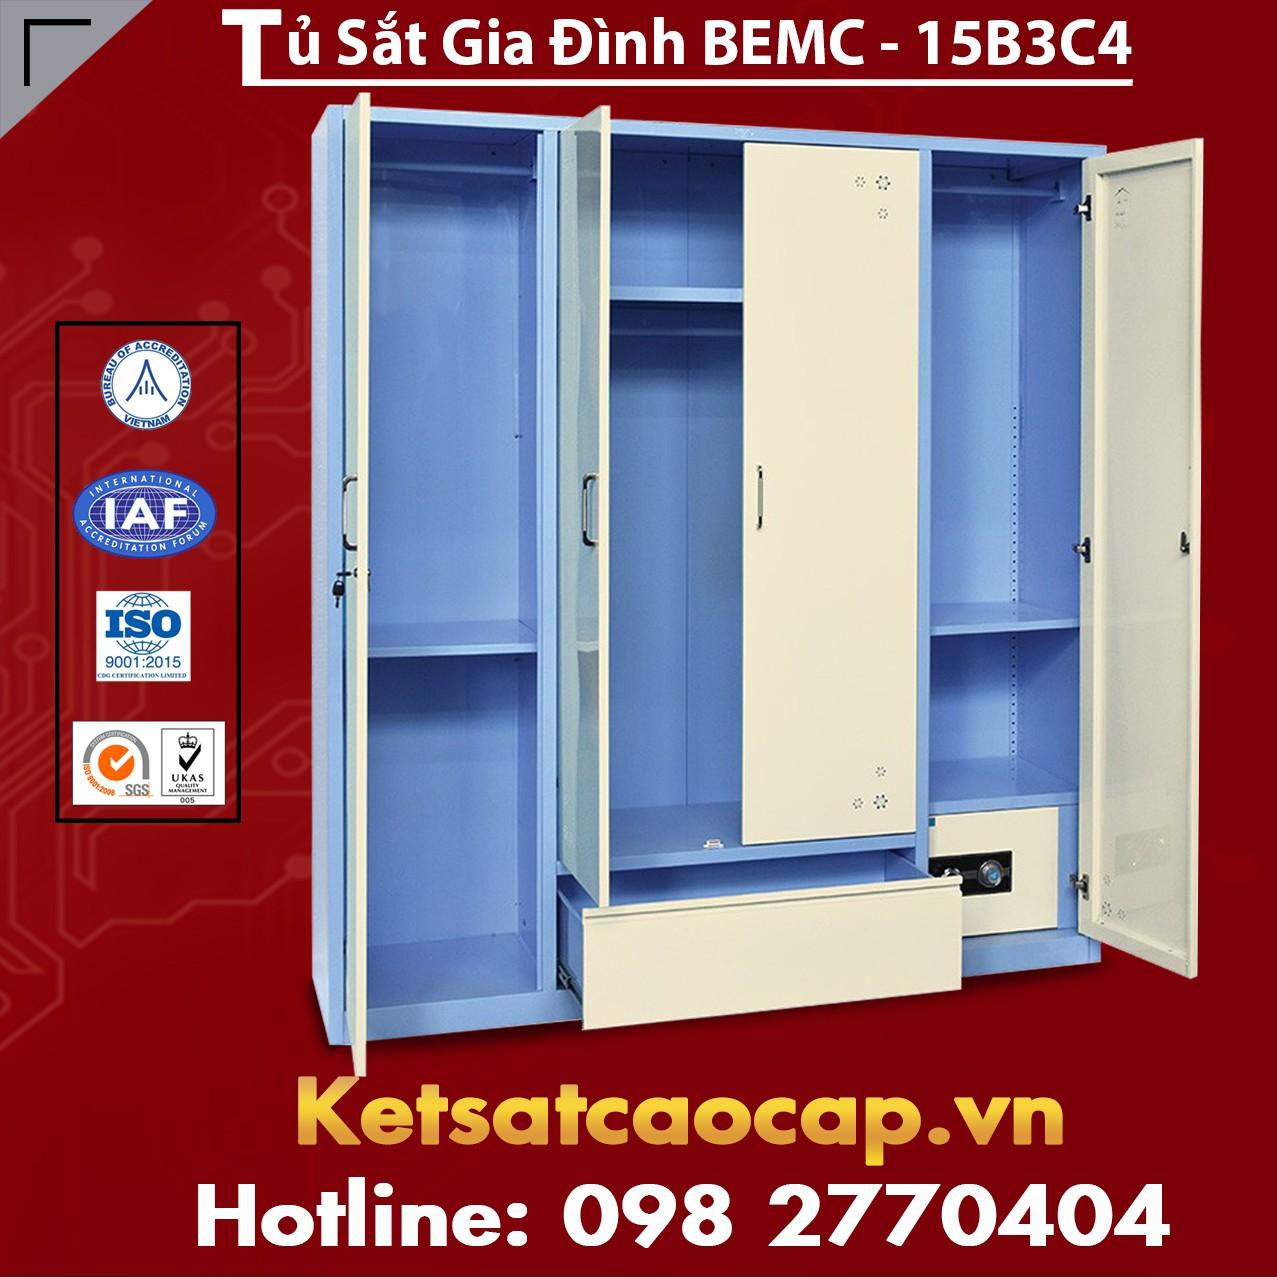 Tủ Sắt Gia Đình BEMC - 15B3C4